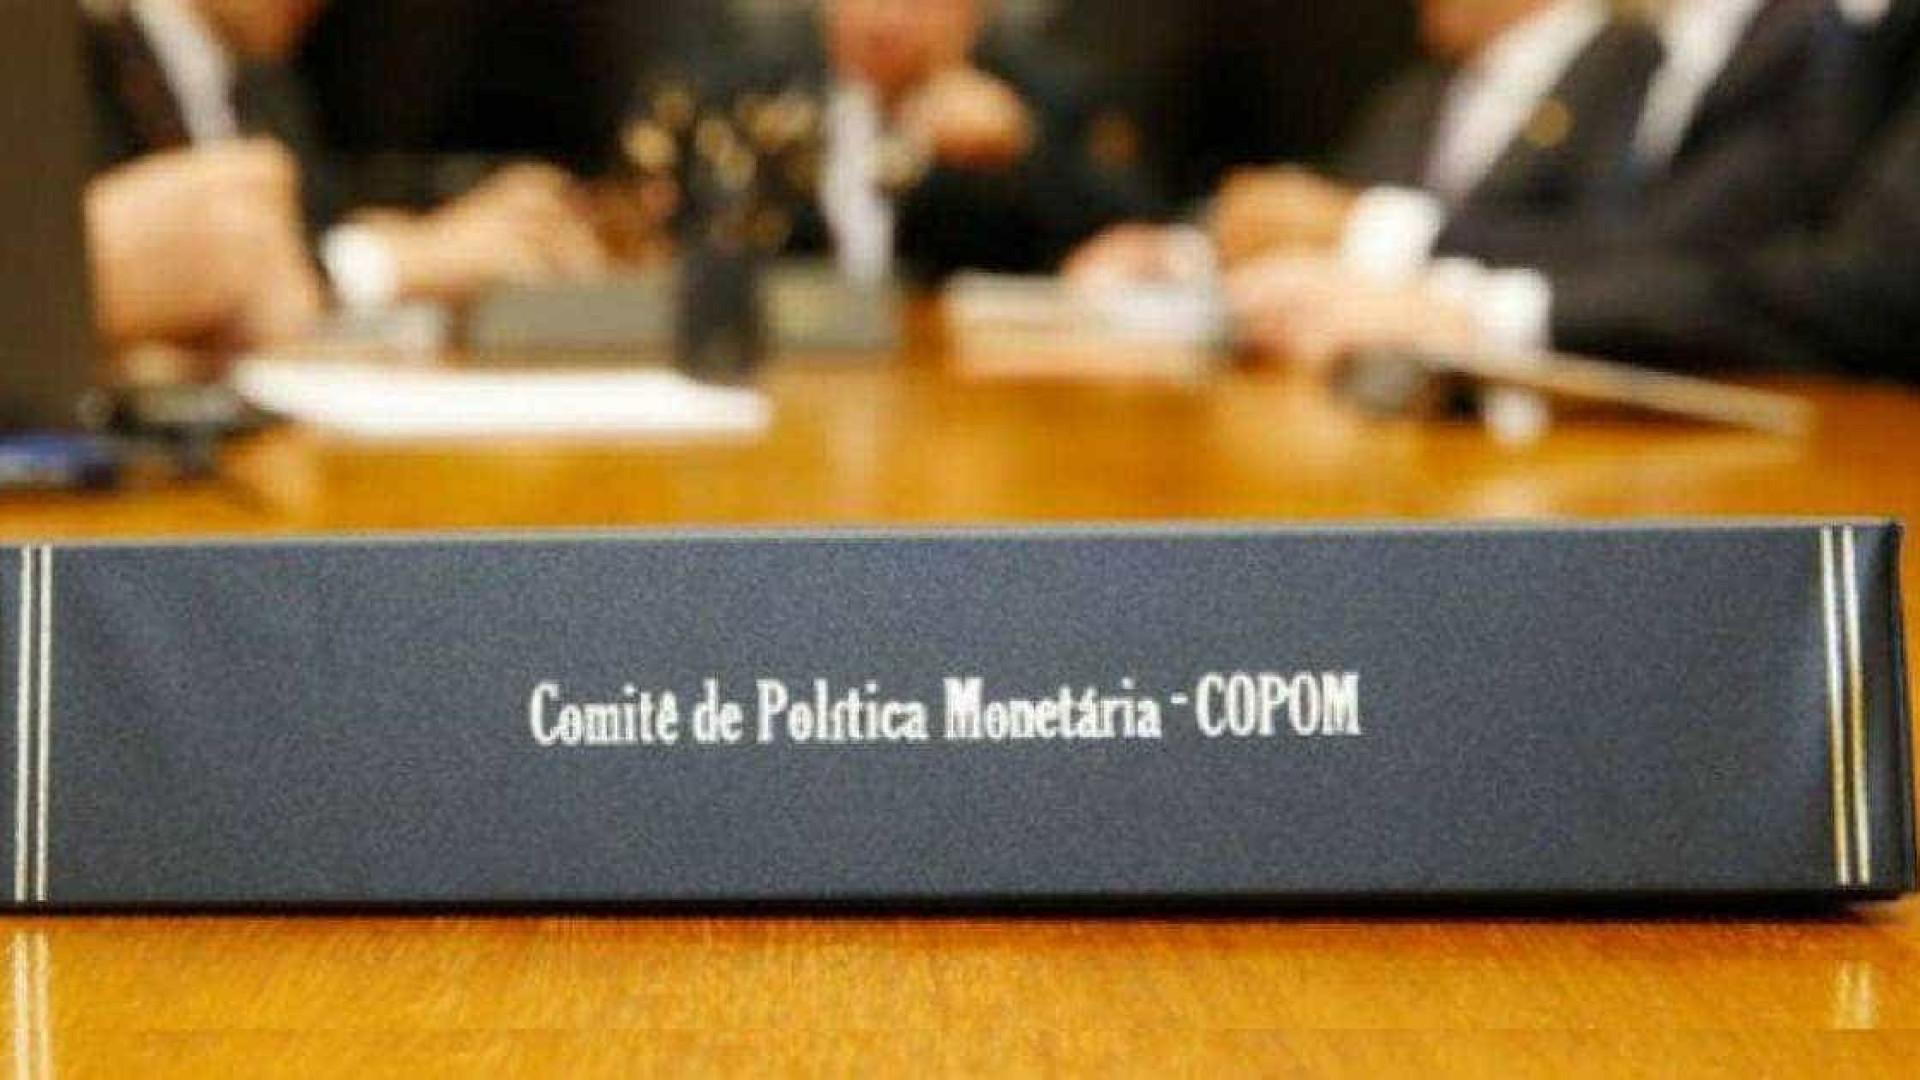 Copom inicia terceira reunião do ano para definir juros básicos